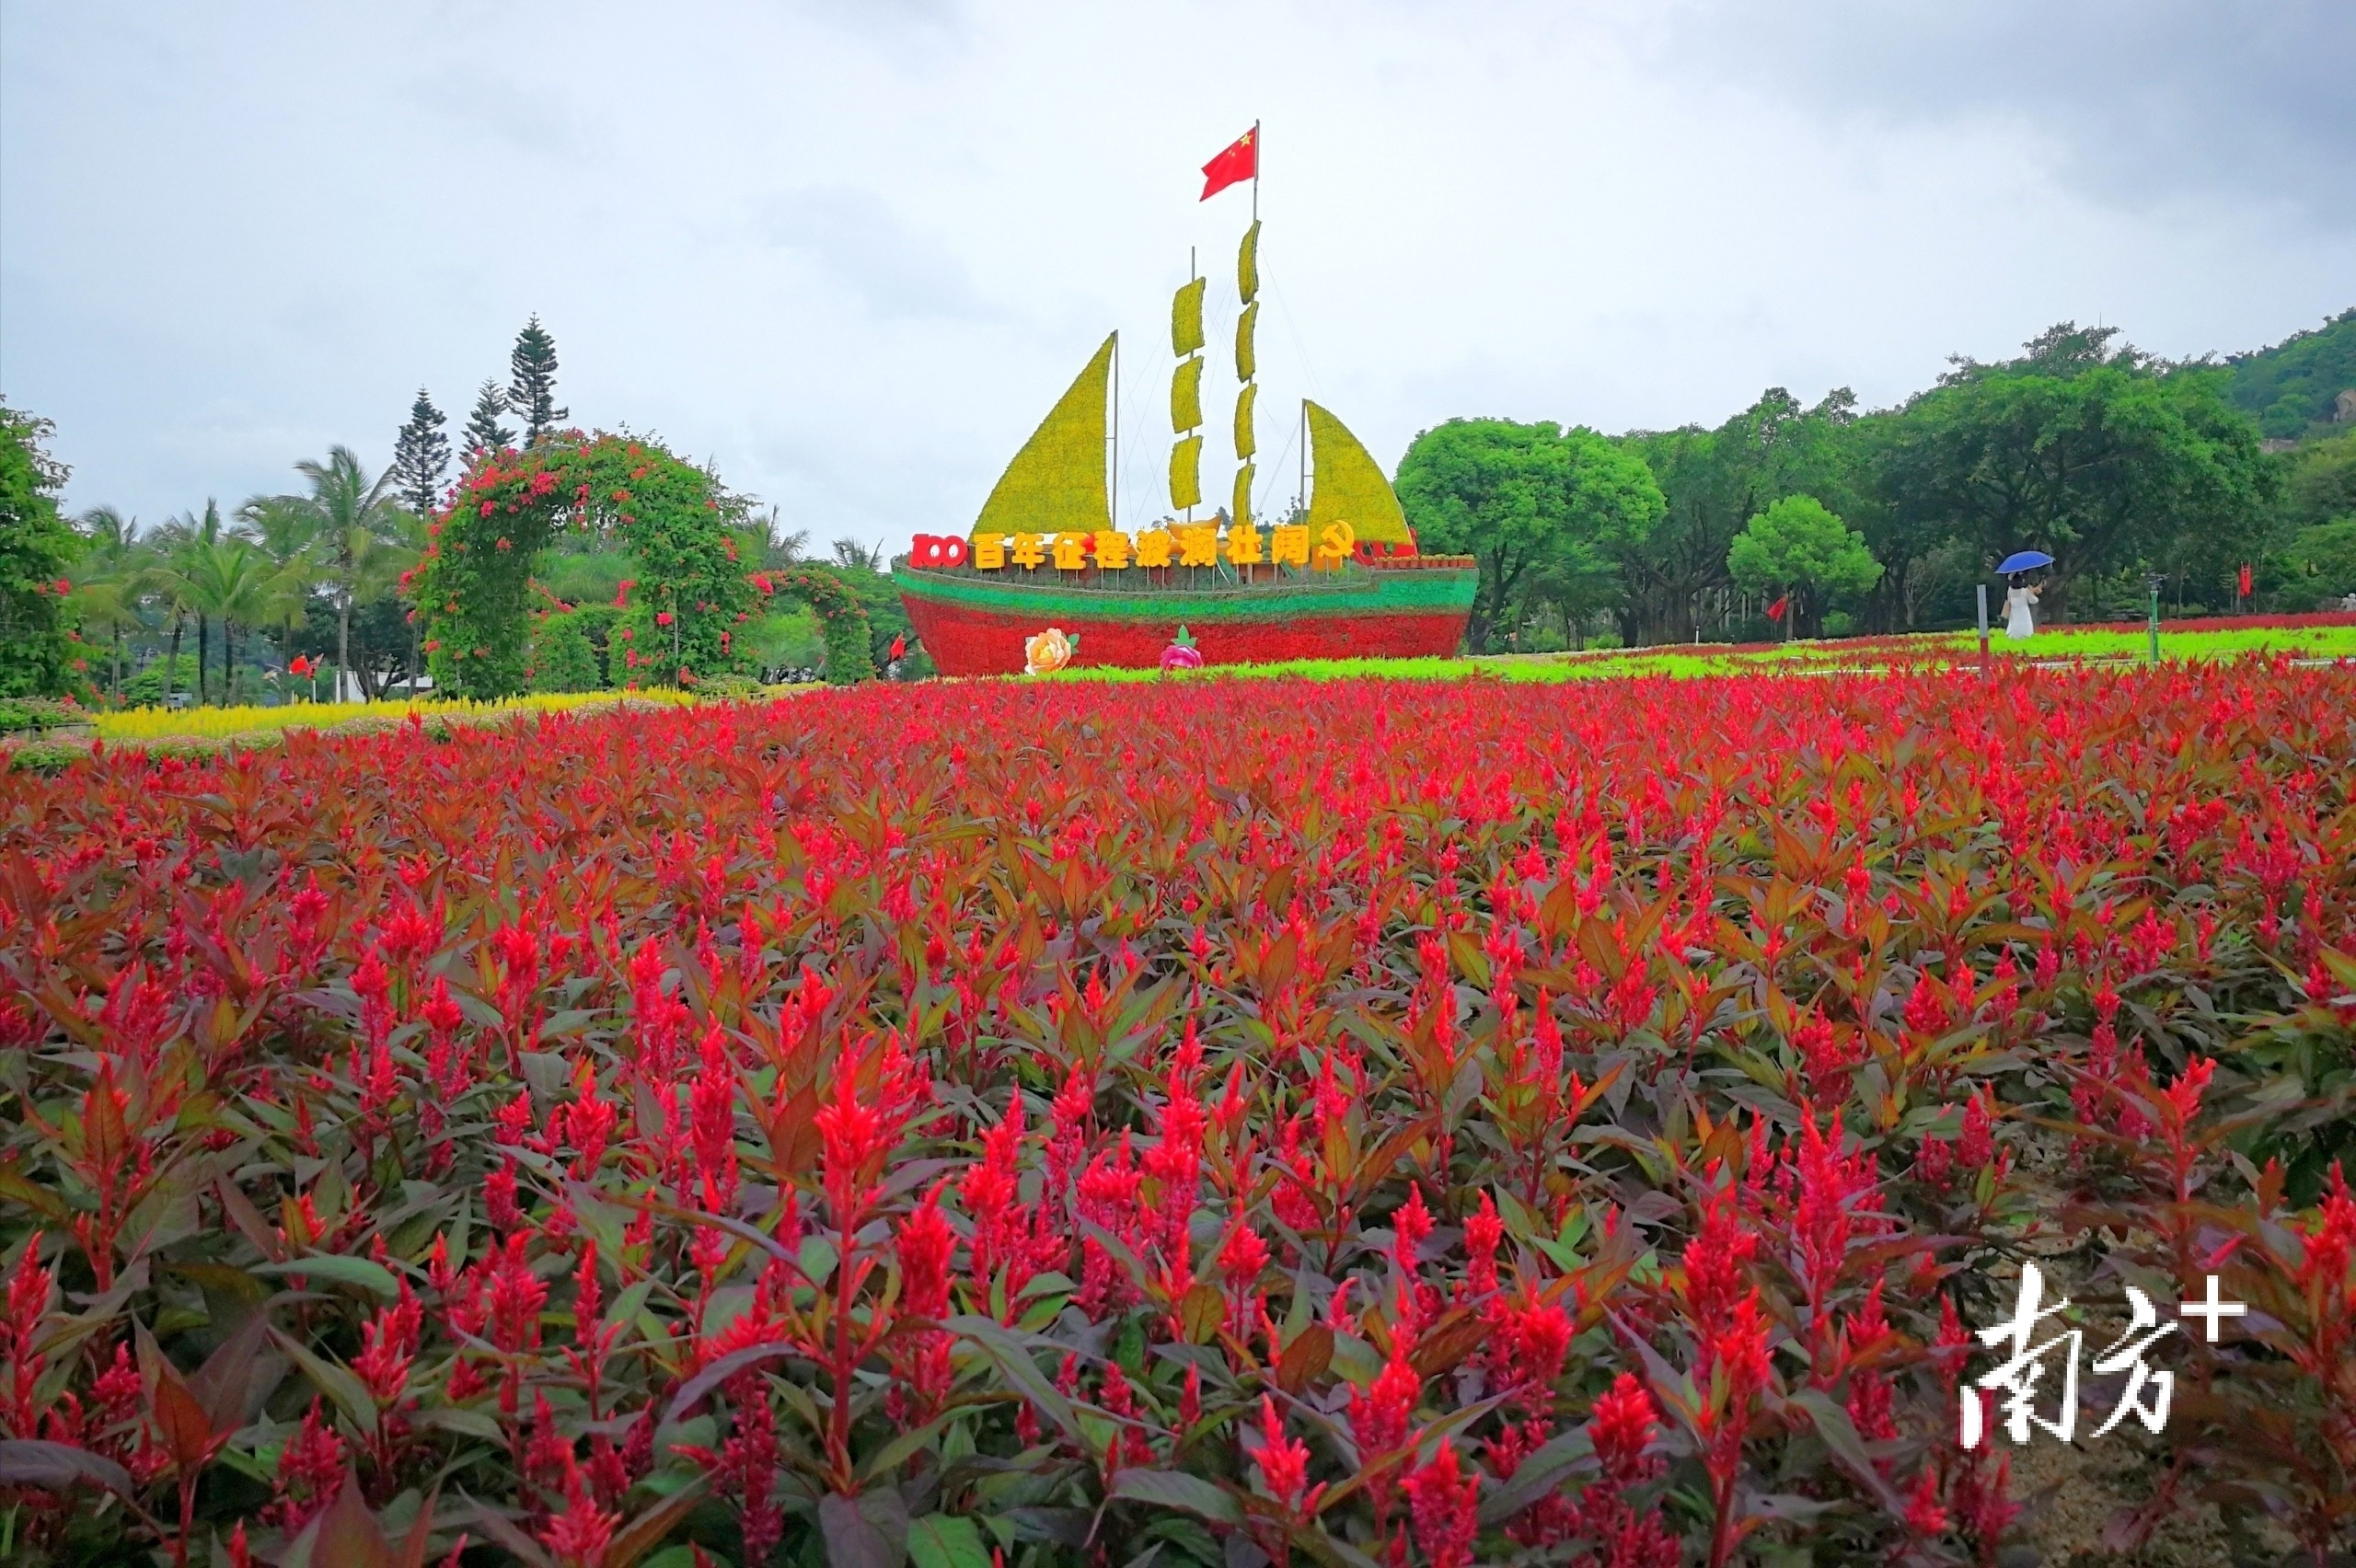 6月29日,珠海海滨公园,一片火红,与帆船造型雕塑相映生辉。 两棵树的恩情 摄